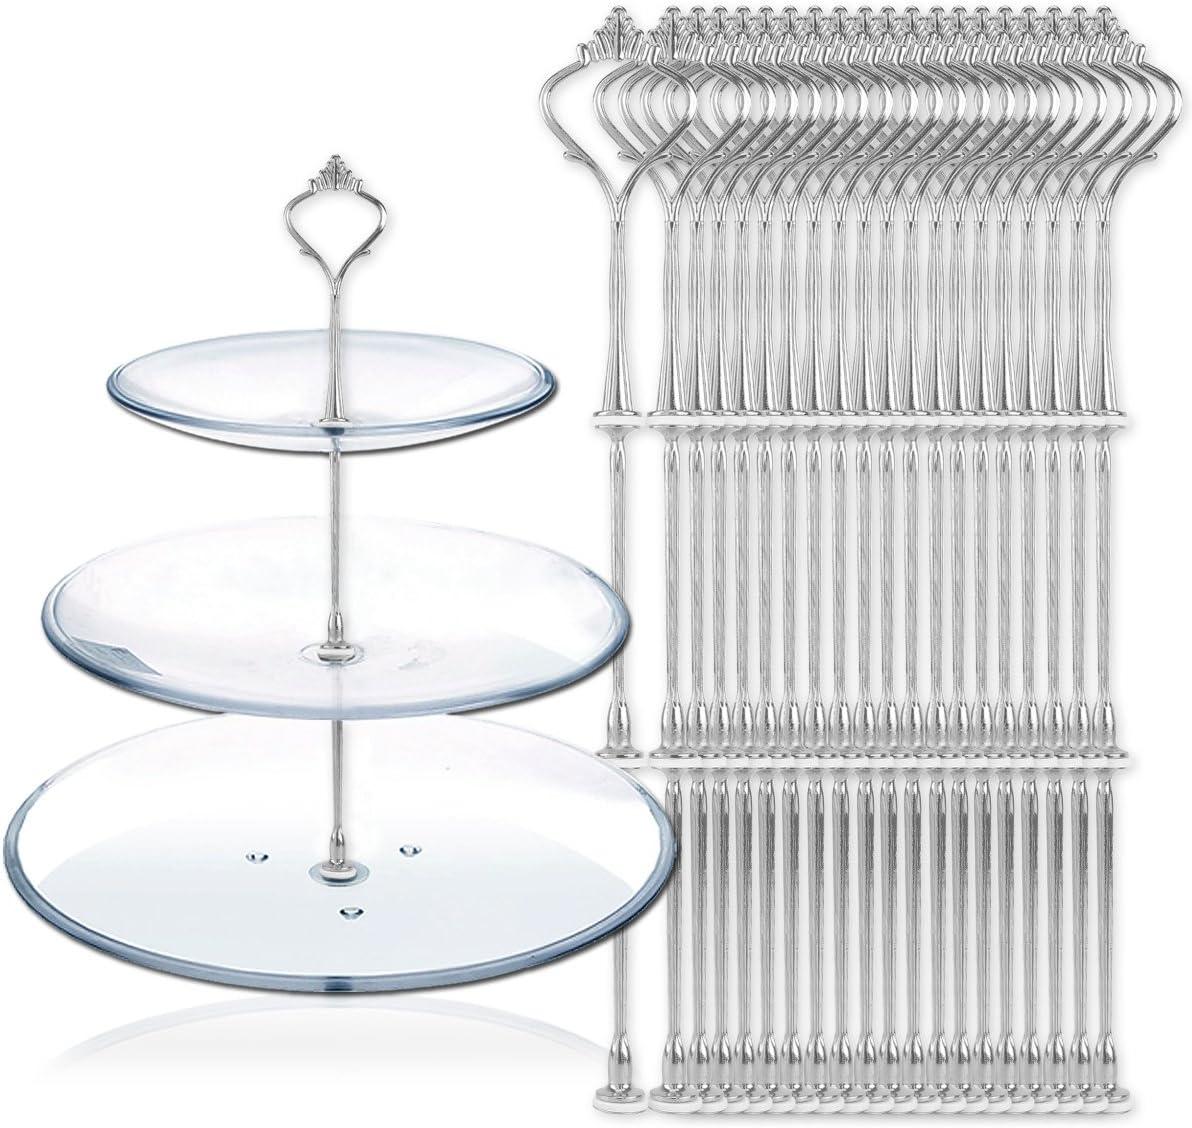 Hamimelon 20 Set Silberfarbe Silber Metallstange Mittellochausstech bis 3 Etagere Etage f/ür Hochzeitstorte Tortenst/änder Tortenhalter Servierplatte 32cm